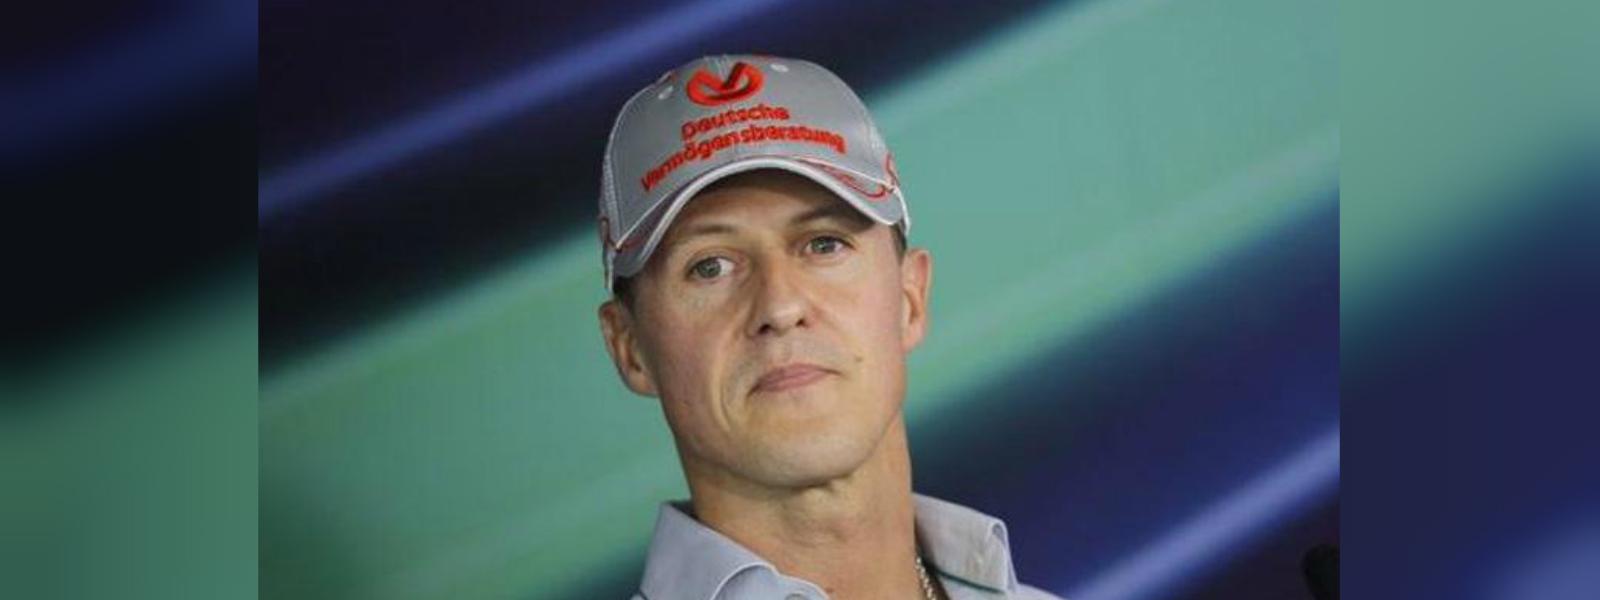 Michael Schumacher admitted to Paris hospital for 'secret treatment' – Le Parisien